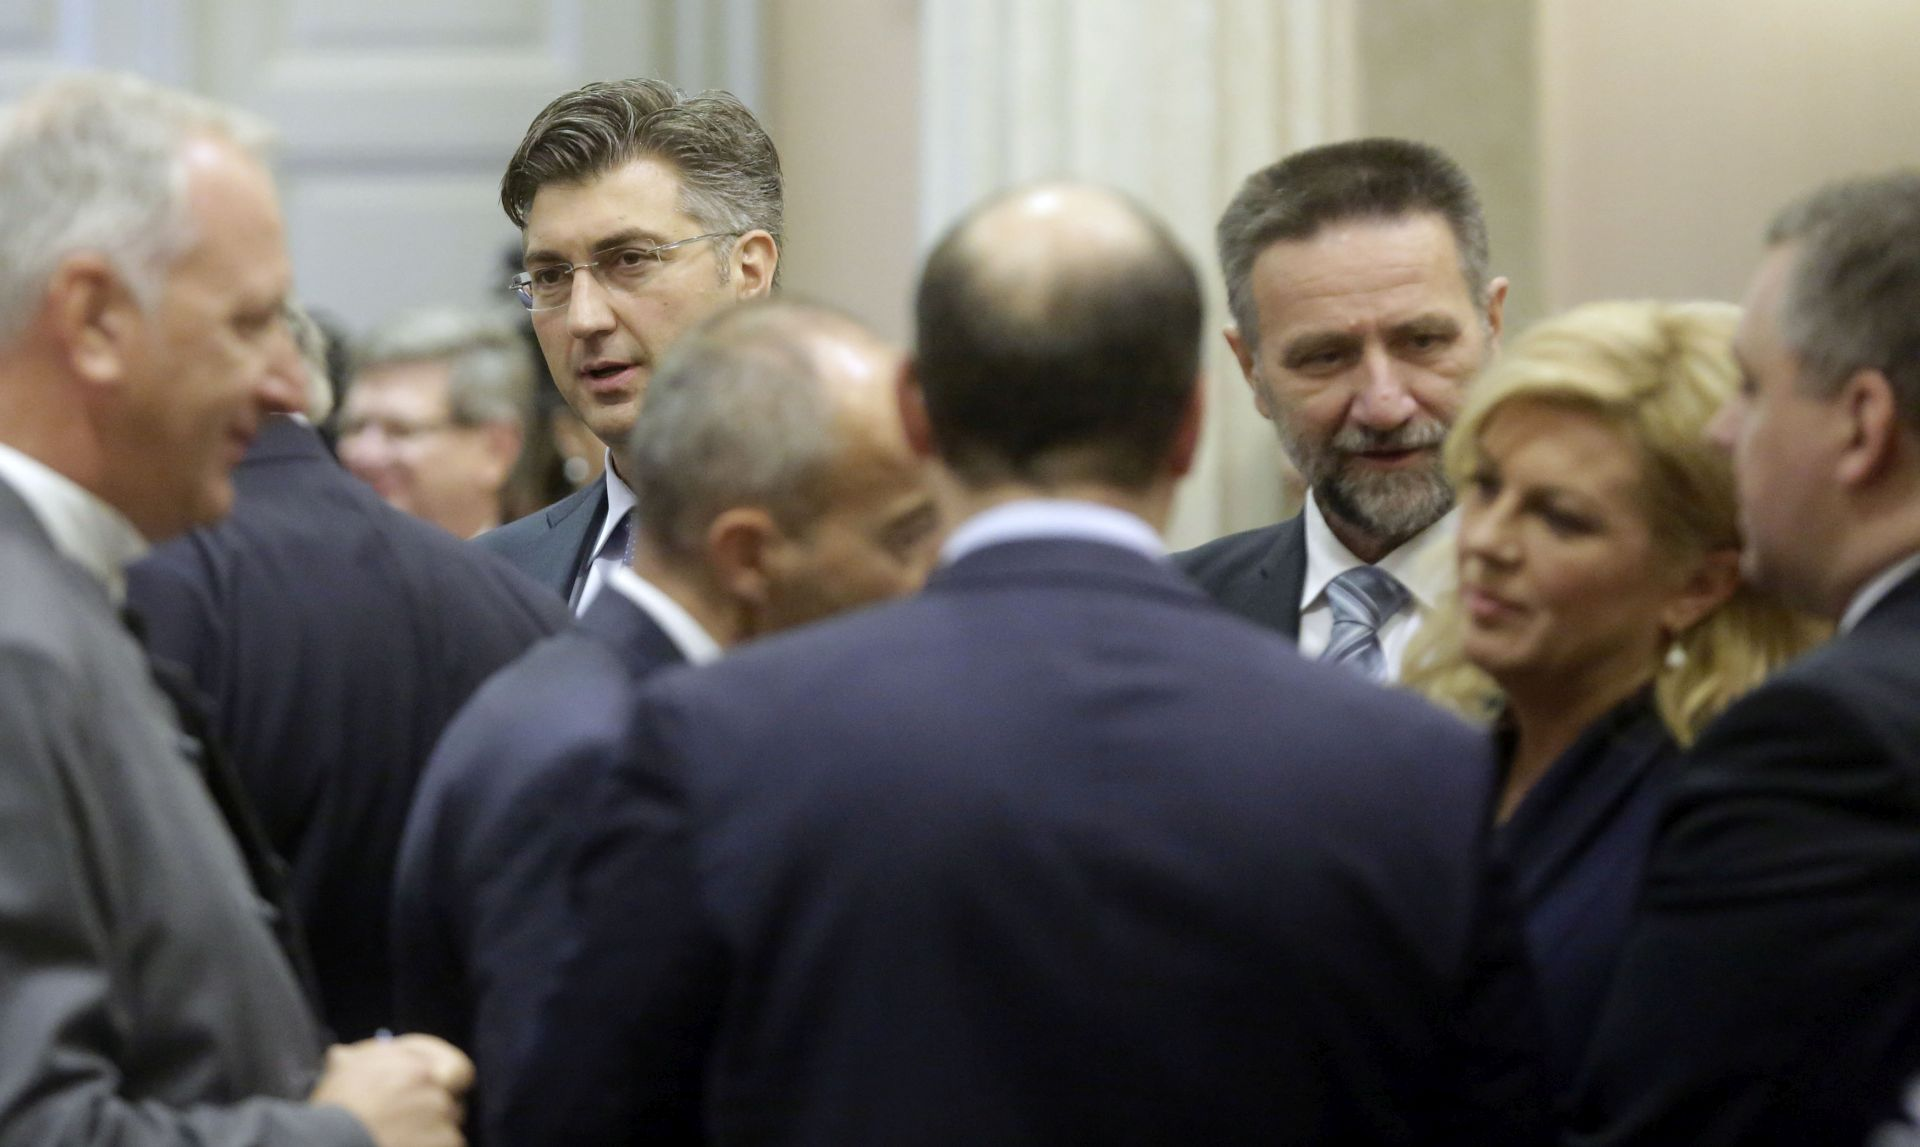 STRANKA PAMETNO: Imenovanje Barišića za ministra znanosti i obrazovanja je jako loš izbor